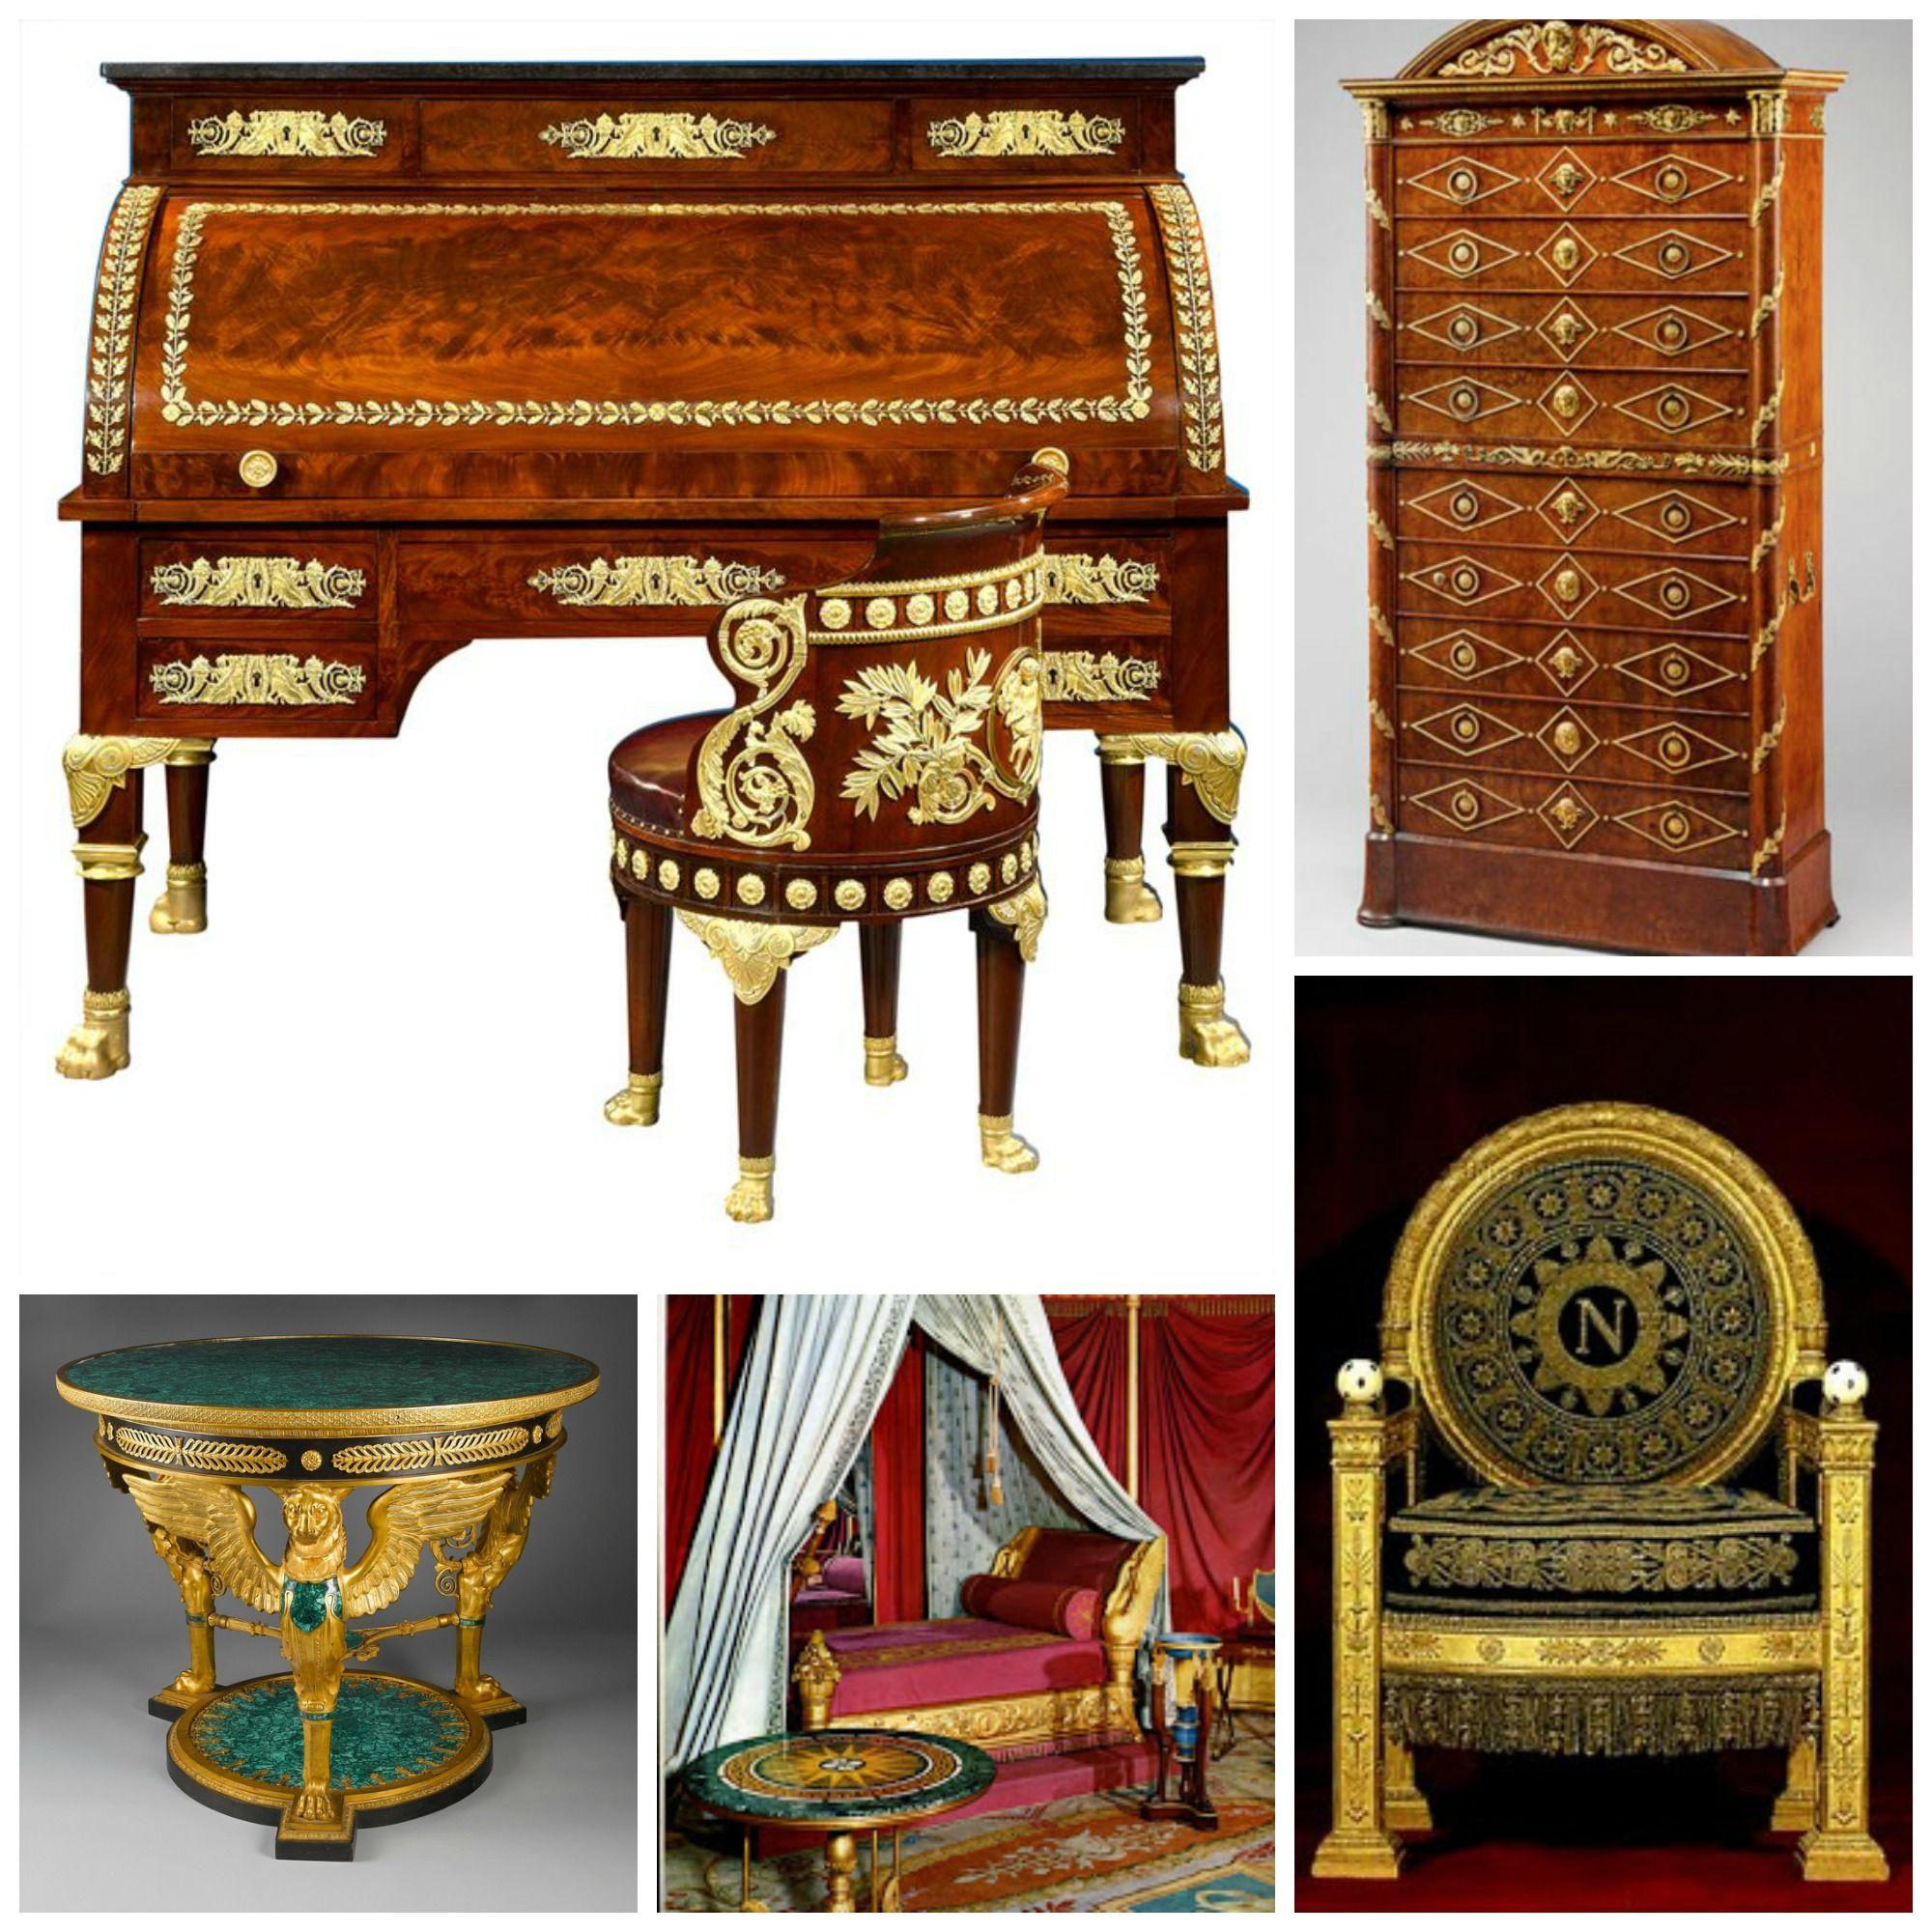 Muebles Egipcios Caracteristicas - Muebles Imperio 1804 1815 Estilo Marcado Por Napole N A Quien [mjhdah]https://i.pinimg.com/originals/74/b3/c8/74b3c857fbadd7e26228389a5175cdb5.gif